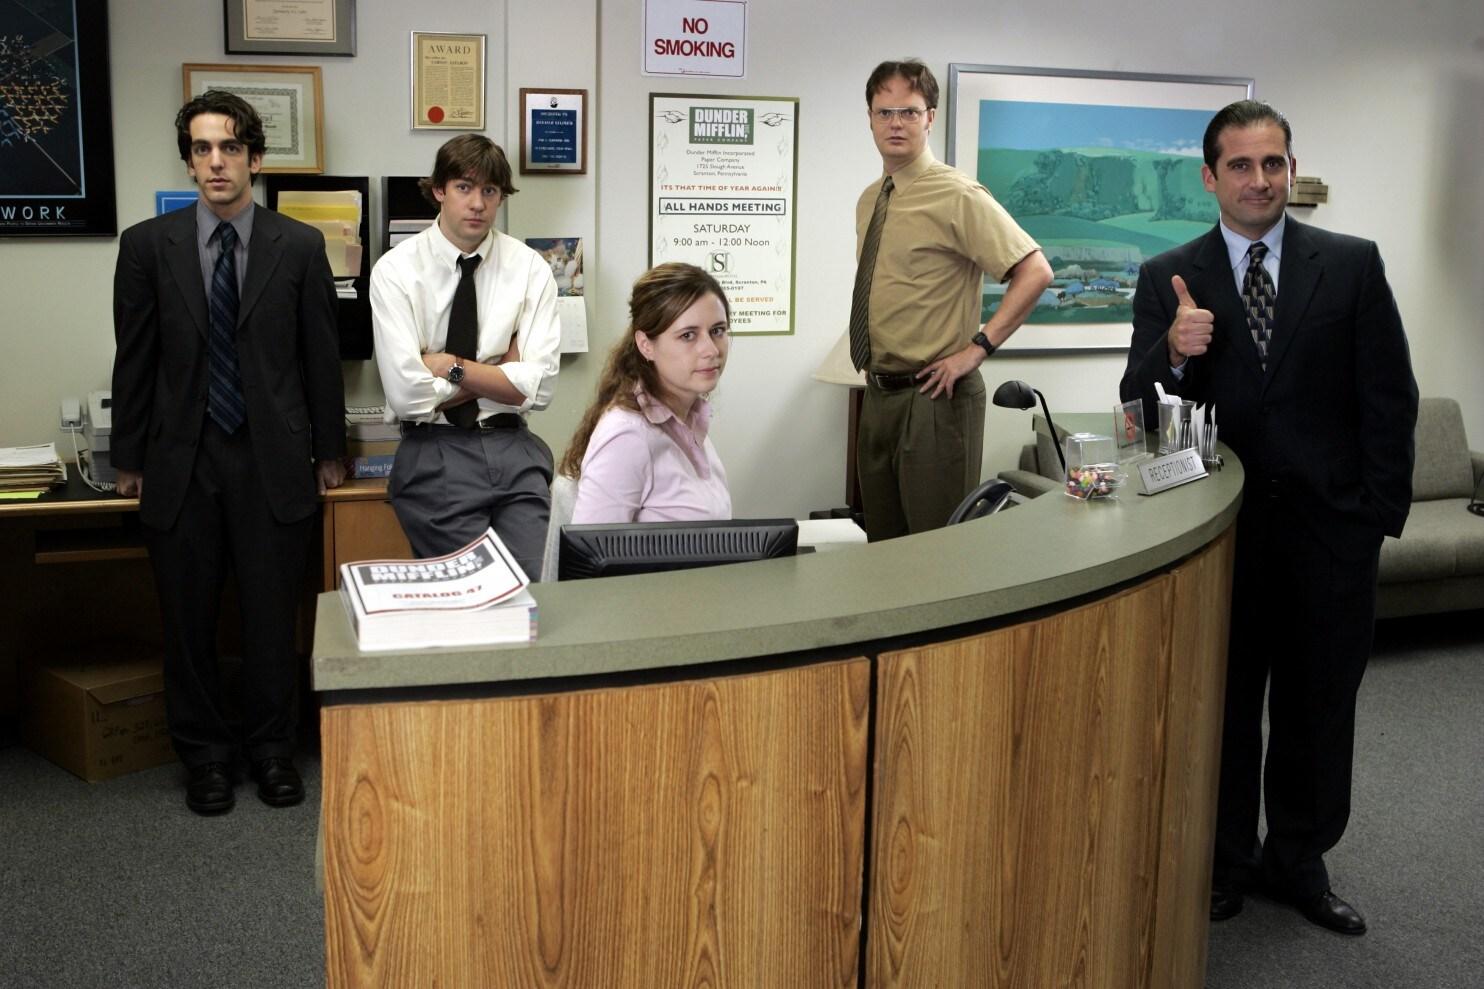 The Office USA Dunder Mifflin työntekijät